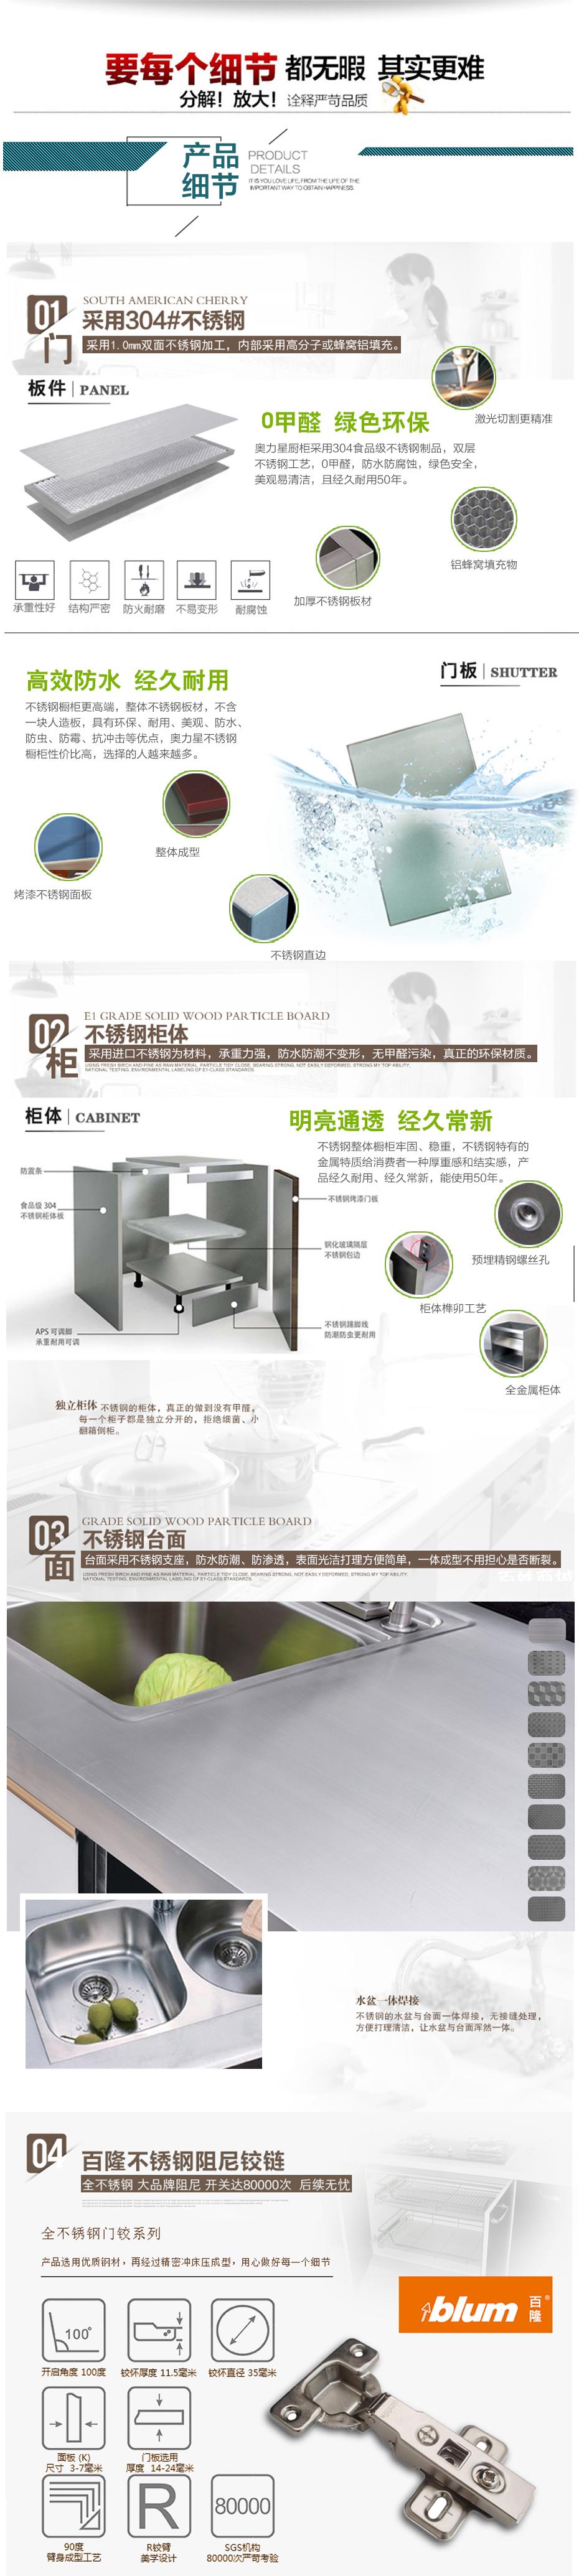 不锈钢板橱柜产品细节